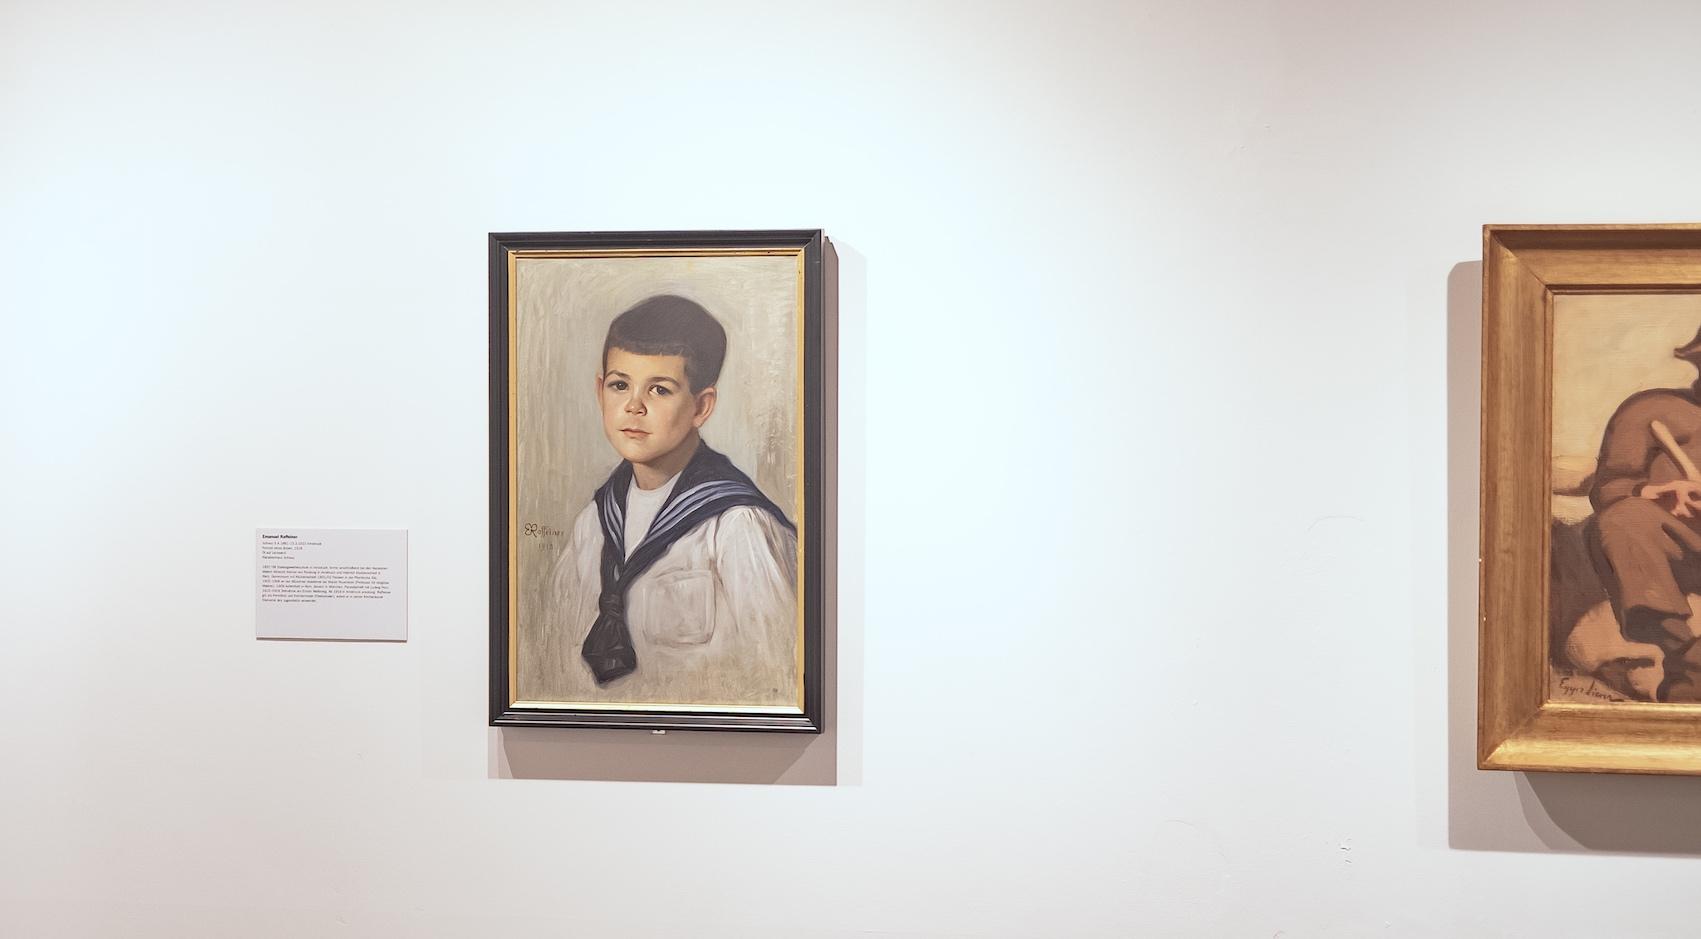 <p>Bilder von Emanuel Raffeiner (links) und Albin Egger-Lienz, aber auch von Ludwig Penz, Max Esterle und Heinrich Kühn<br /> geben Einblick in das Umfeld, in dem Nikodem und Weber-Tyrol arbeiteten</p>